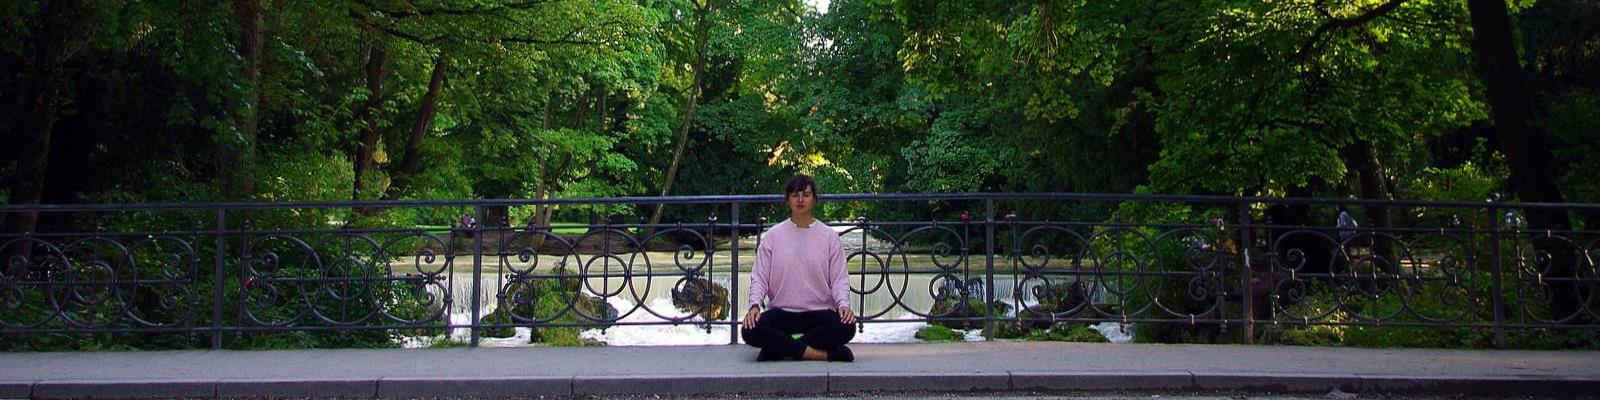 Stressmanagement, Entspannung, Prävention und Potenzialentfaltung bei Verena Grundner in München